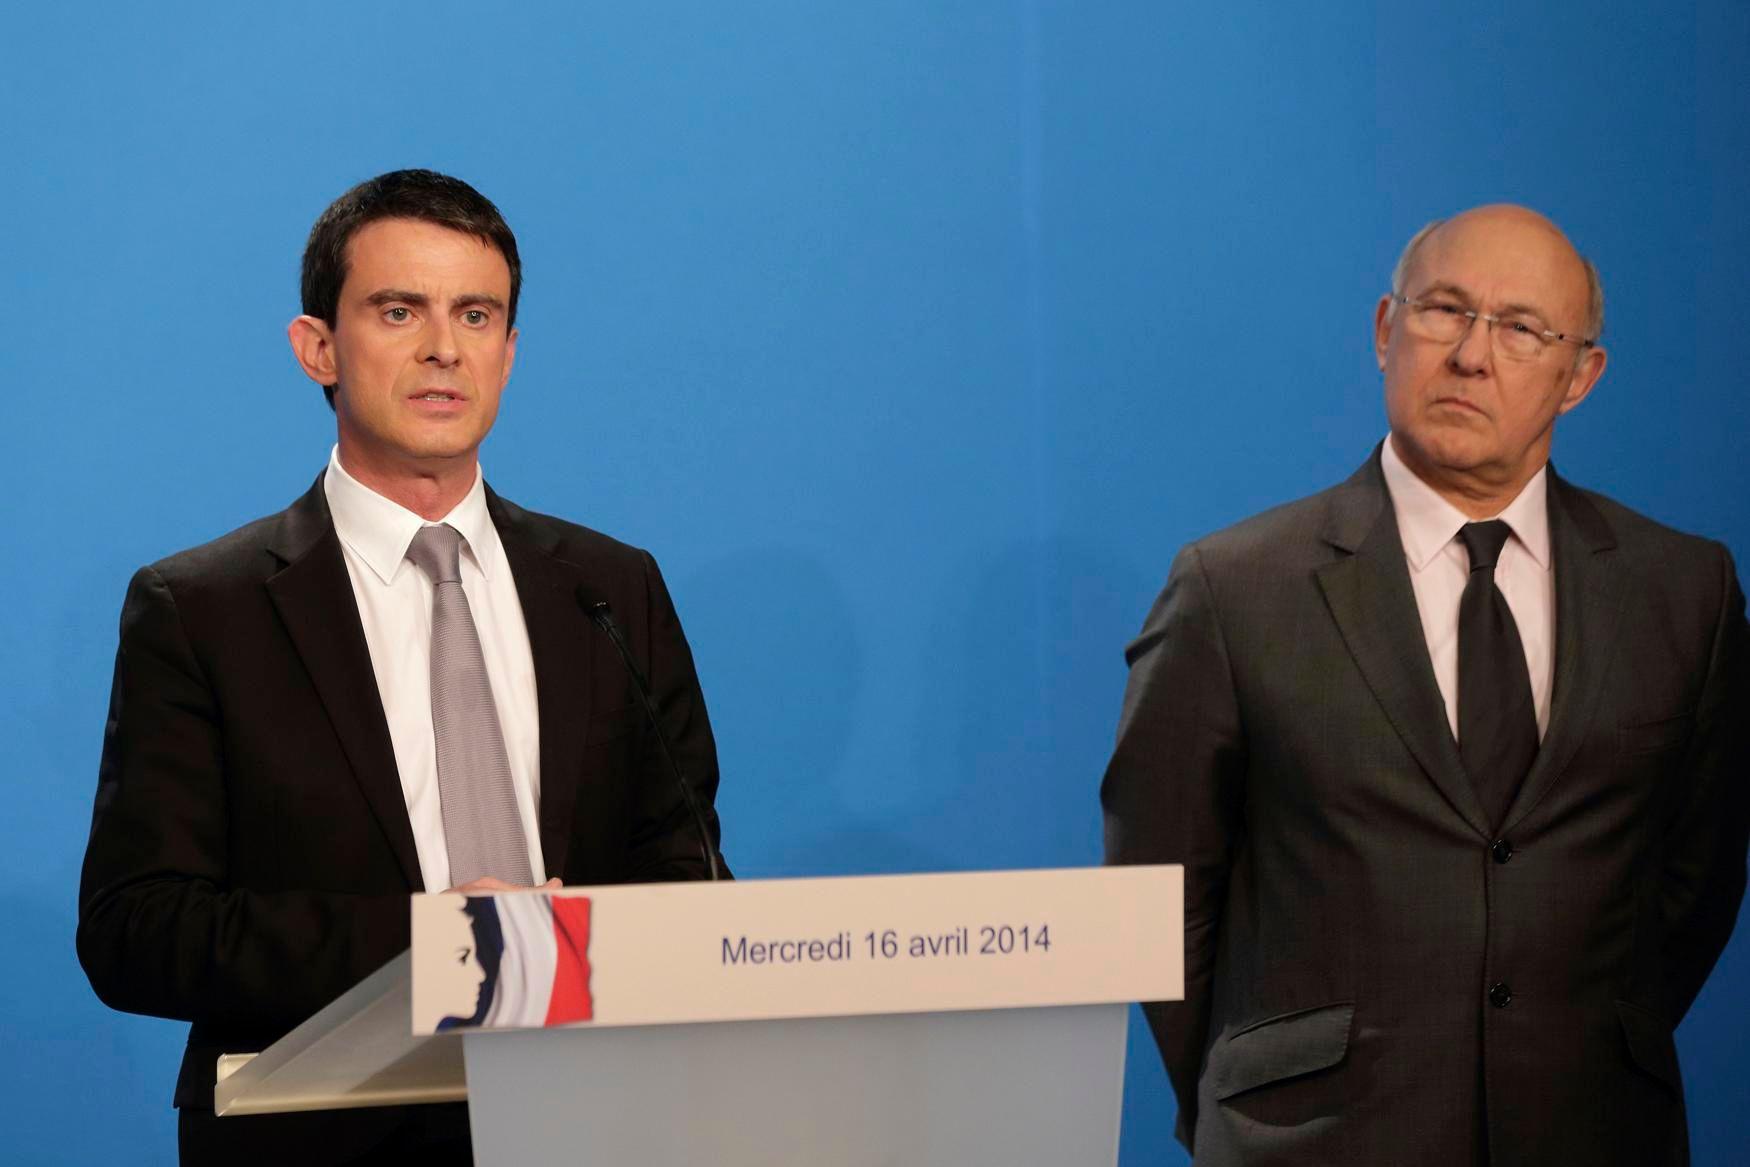 50 milliards d'économies : Manuel Valls demande des efforts aux fonctionnaires et ne revalorise pas les prestations sociales jusqu'en octobre 2015